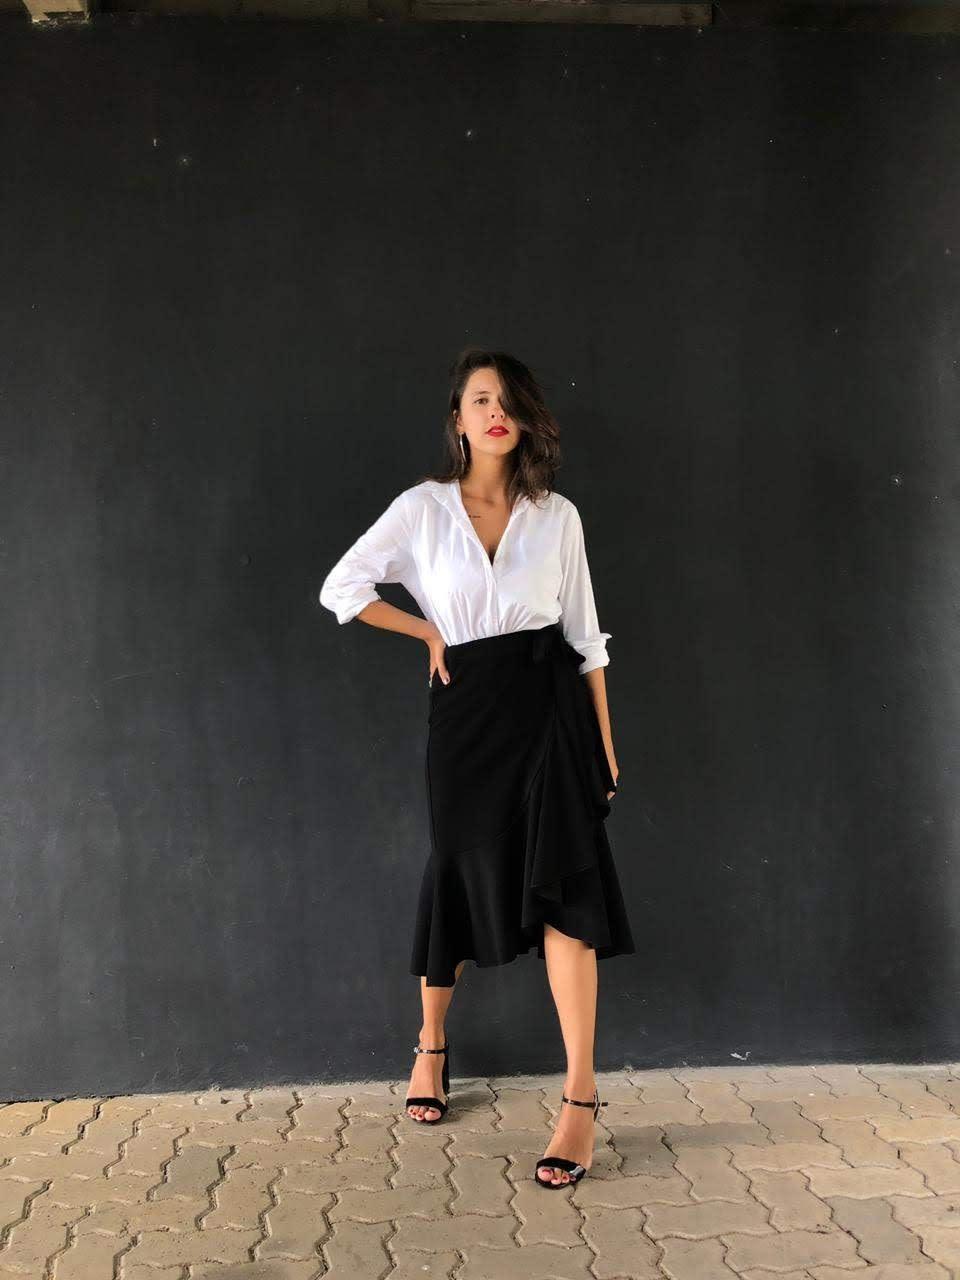 Marcie posa em frente a uma parede preta, com a mão na cintura. O look é composto por camisa branca, saia de babados preta mídi e sandália preta de tiras finas.